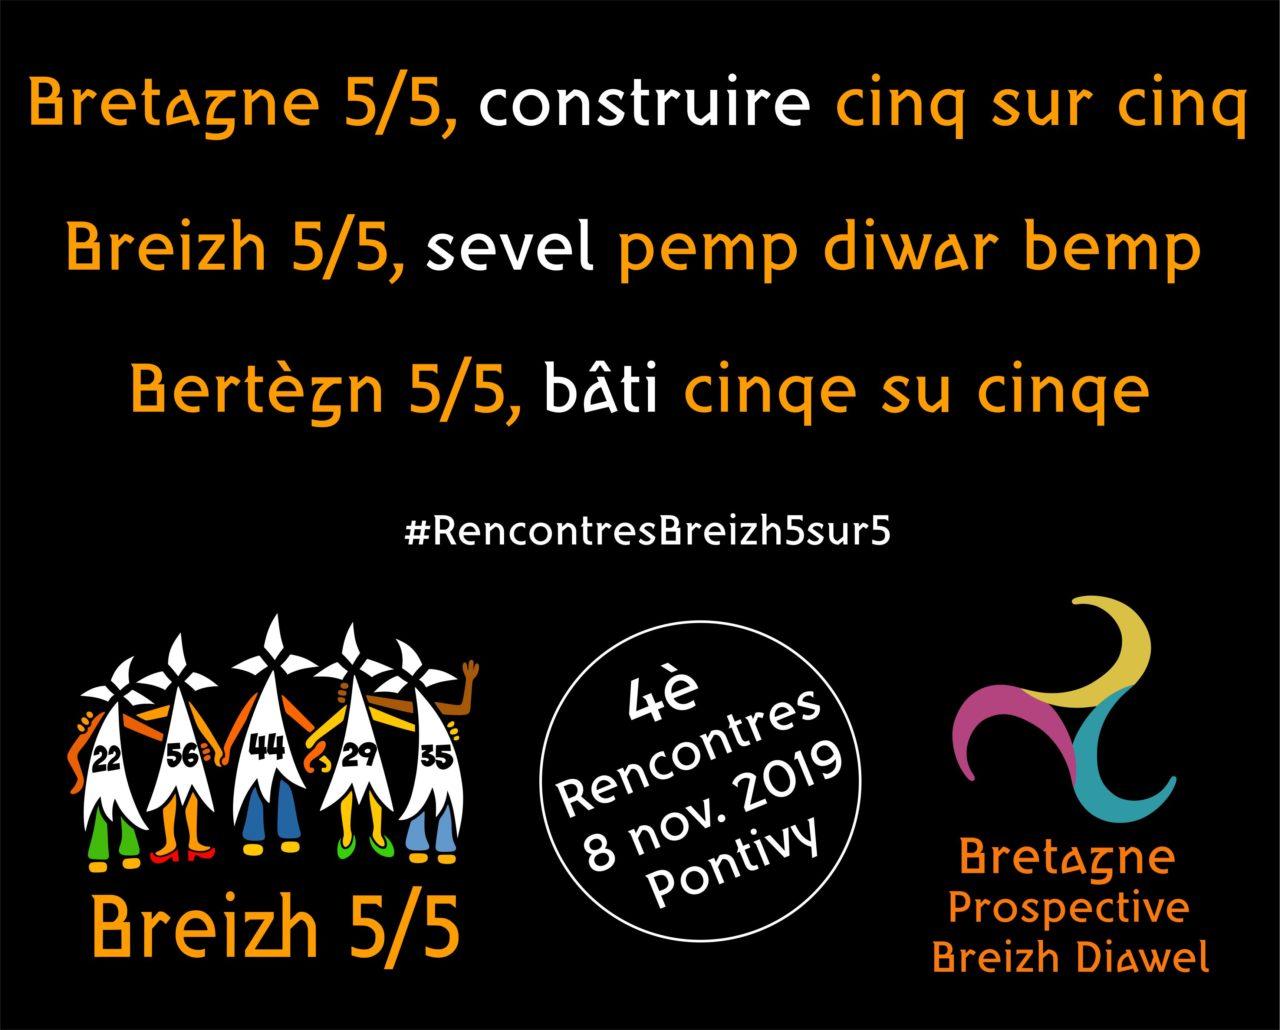 Etes-vous inscrit (e) aux Rencontres Breizh 5/5 du 8 novembre ?